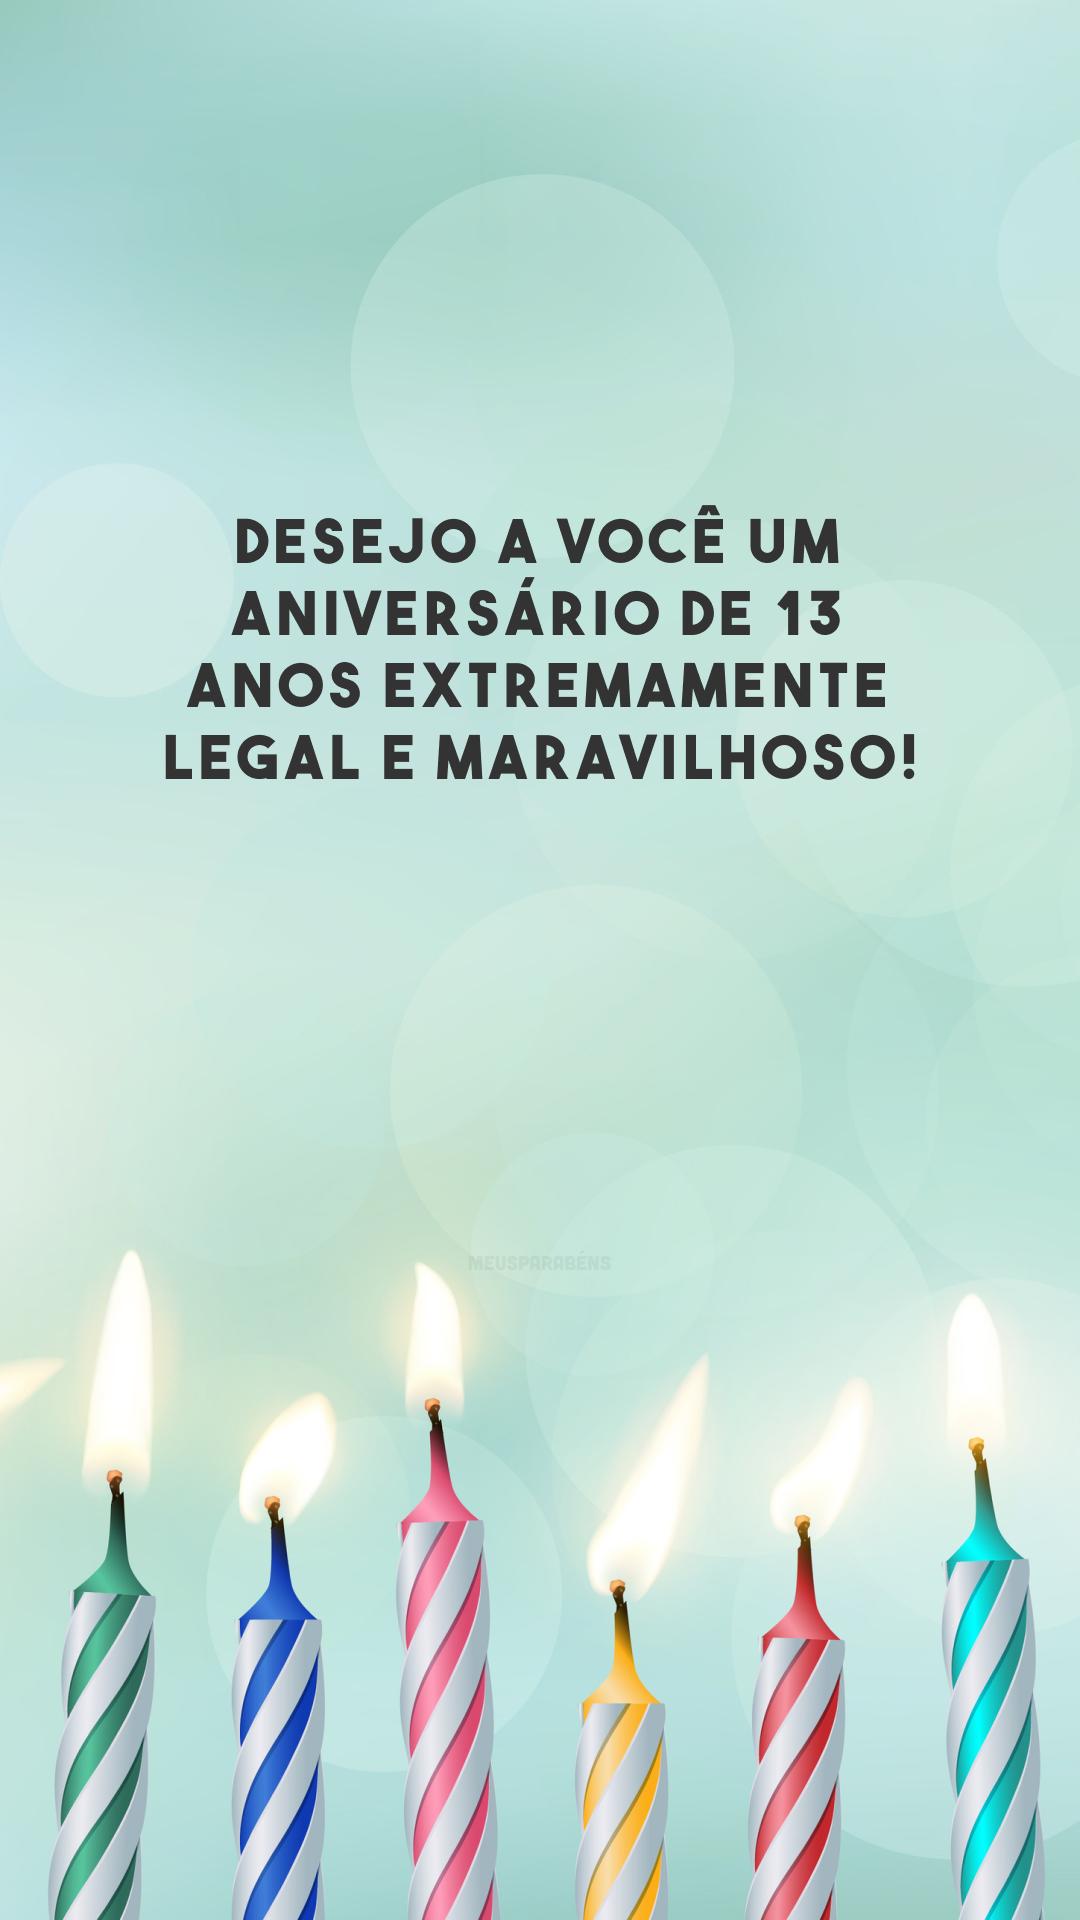 Desejo a você um aniversário de 13 anos extremamente legal e maravilhoso!